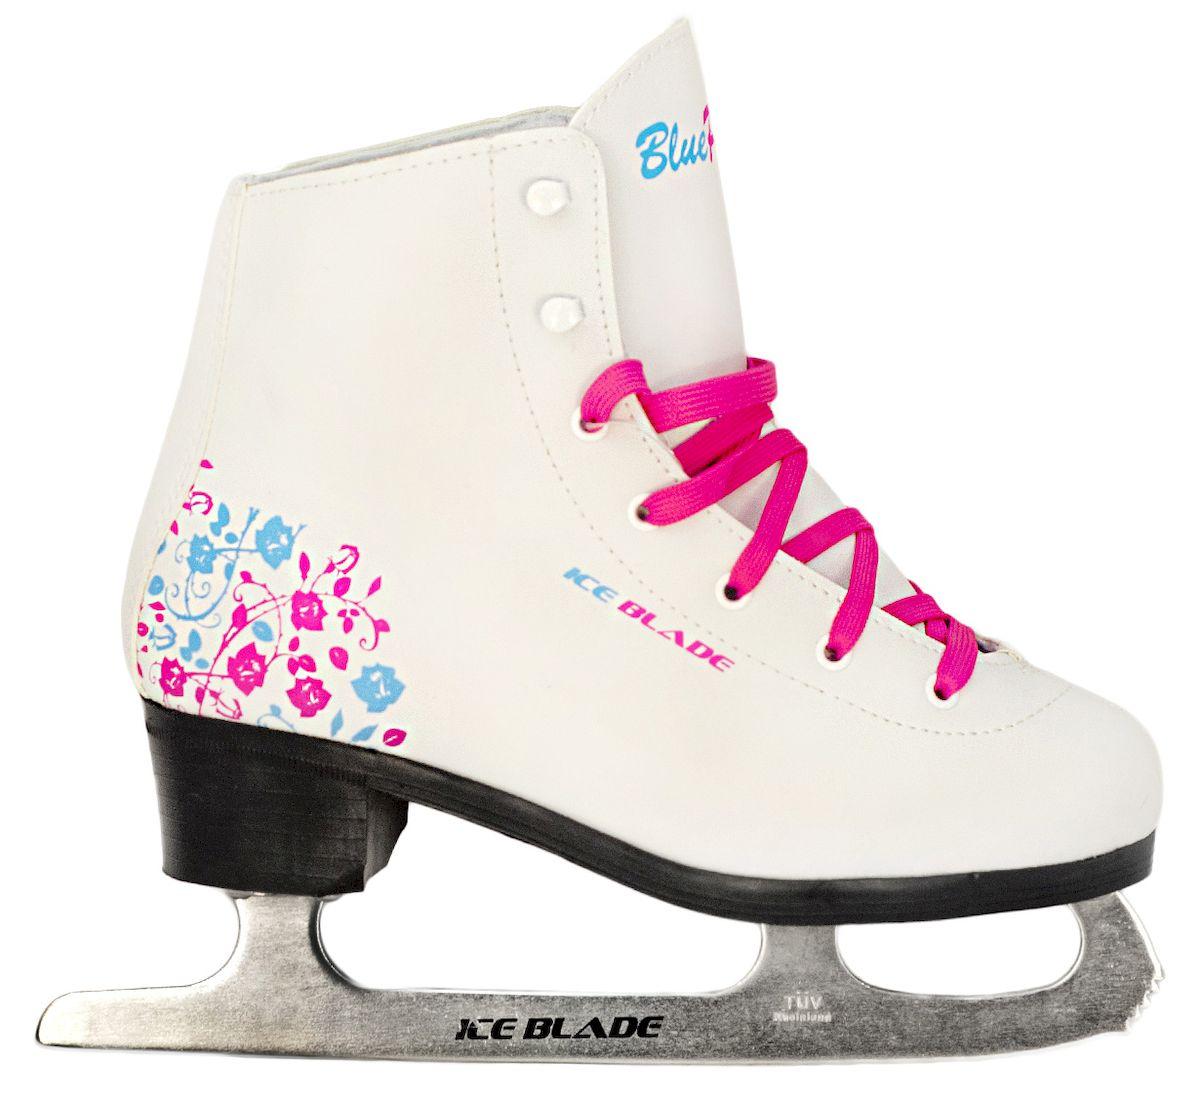 Коньки фигурные Ice Blade BluePink, цвет: белый, розовый, голубой. УТ-00006869. Размер 32УТ-00006869Коньки фигурные Ice Blade BluePink предназначены для любительского фигурного катания. Яркий и нестандартный дизайн модели BluePink совмещает голубой и розовый цвет. Более того, в комплекте помимо розовых шнурков идет пара голубых, пусть каждая любительница катания на коньках выберет для себя, какой цвет ей больше по душе.Ботинок анатомической конструкции выполнен из высококачественной искусственной кожи, покрытой полиуретаном, защищающим от влаги. Внутренняя набивка из специального материала, комфортно адаптирующегося к форме ноги. Внутренняя отделка из мягкого вельвета.Лезвия изготовлены из высокоуглеродистой стали, сертифицированной TUV Rheiland. Коньки поставляются с заводской заточкой лезвия, что позволяет сразу приступить к катанию, не тратя время и денег на заточку. Коньки подходят для использования на открытом и закрытом льду.